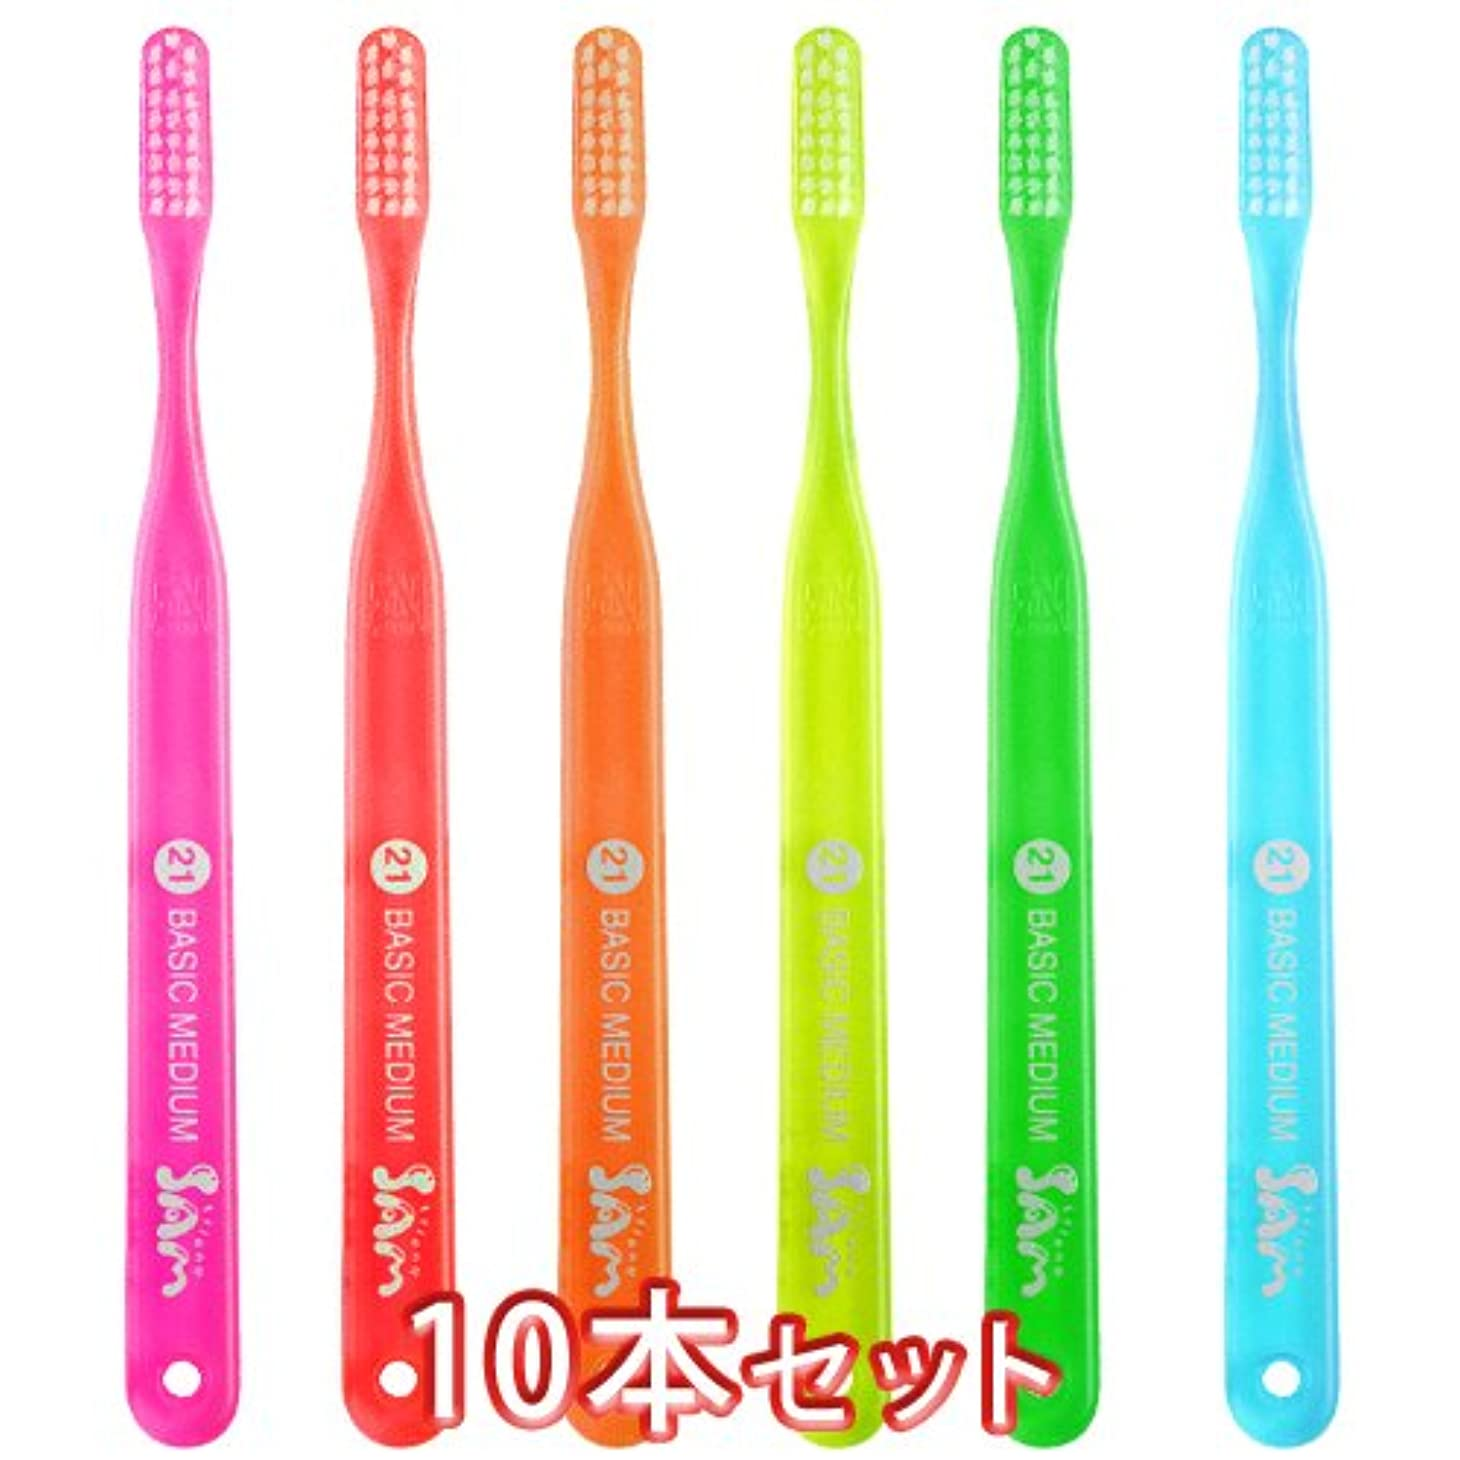 アコー増幅満足サムフレンド ベーシック 歯ブラシ 10本 (#21)